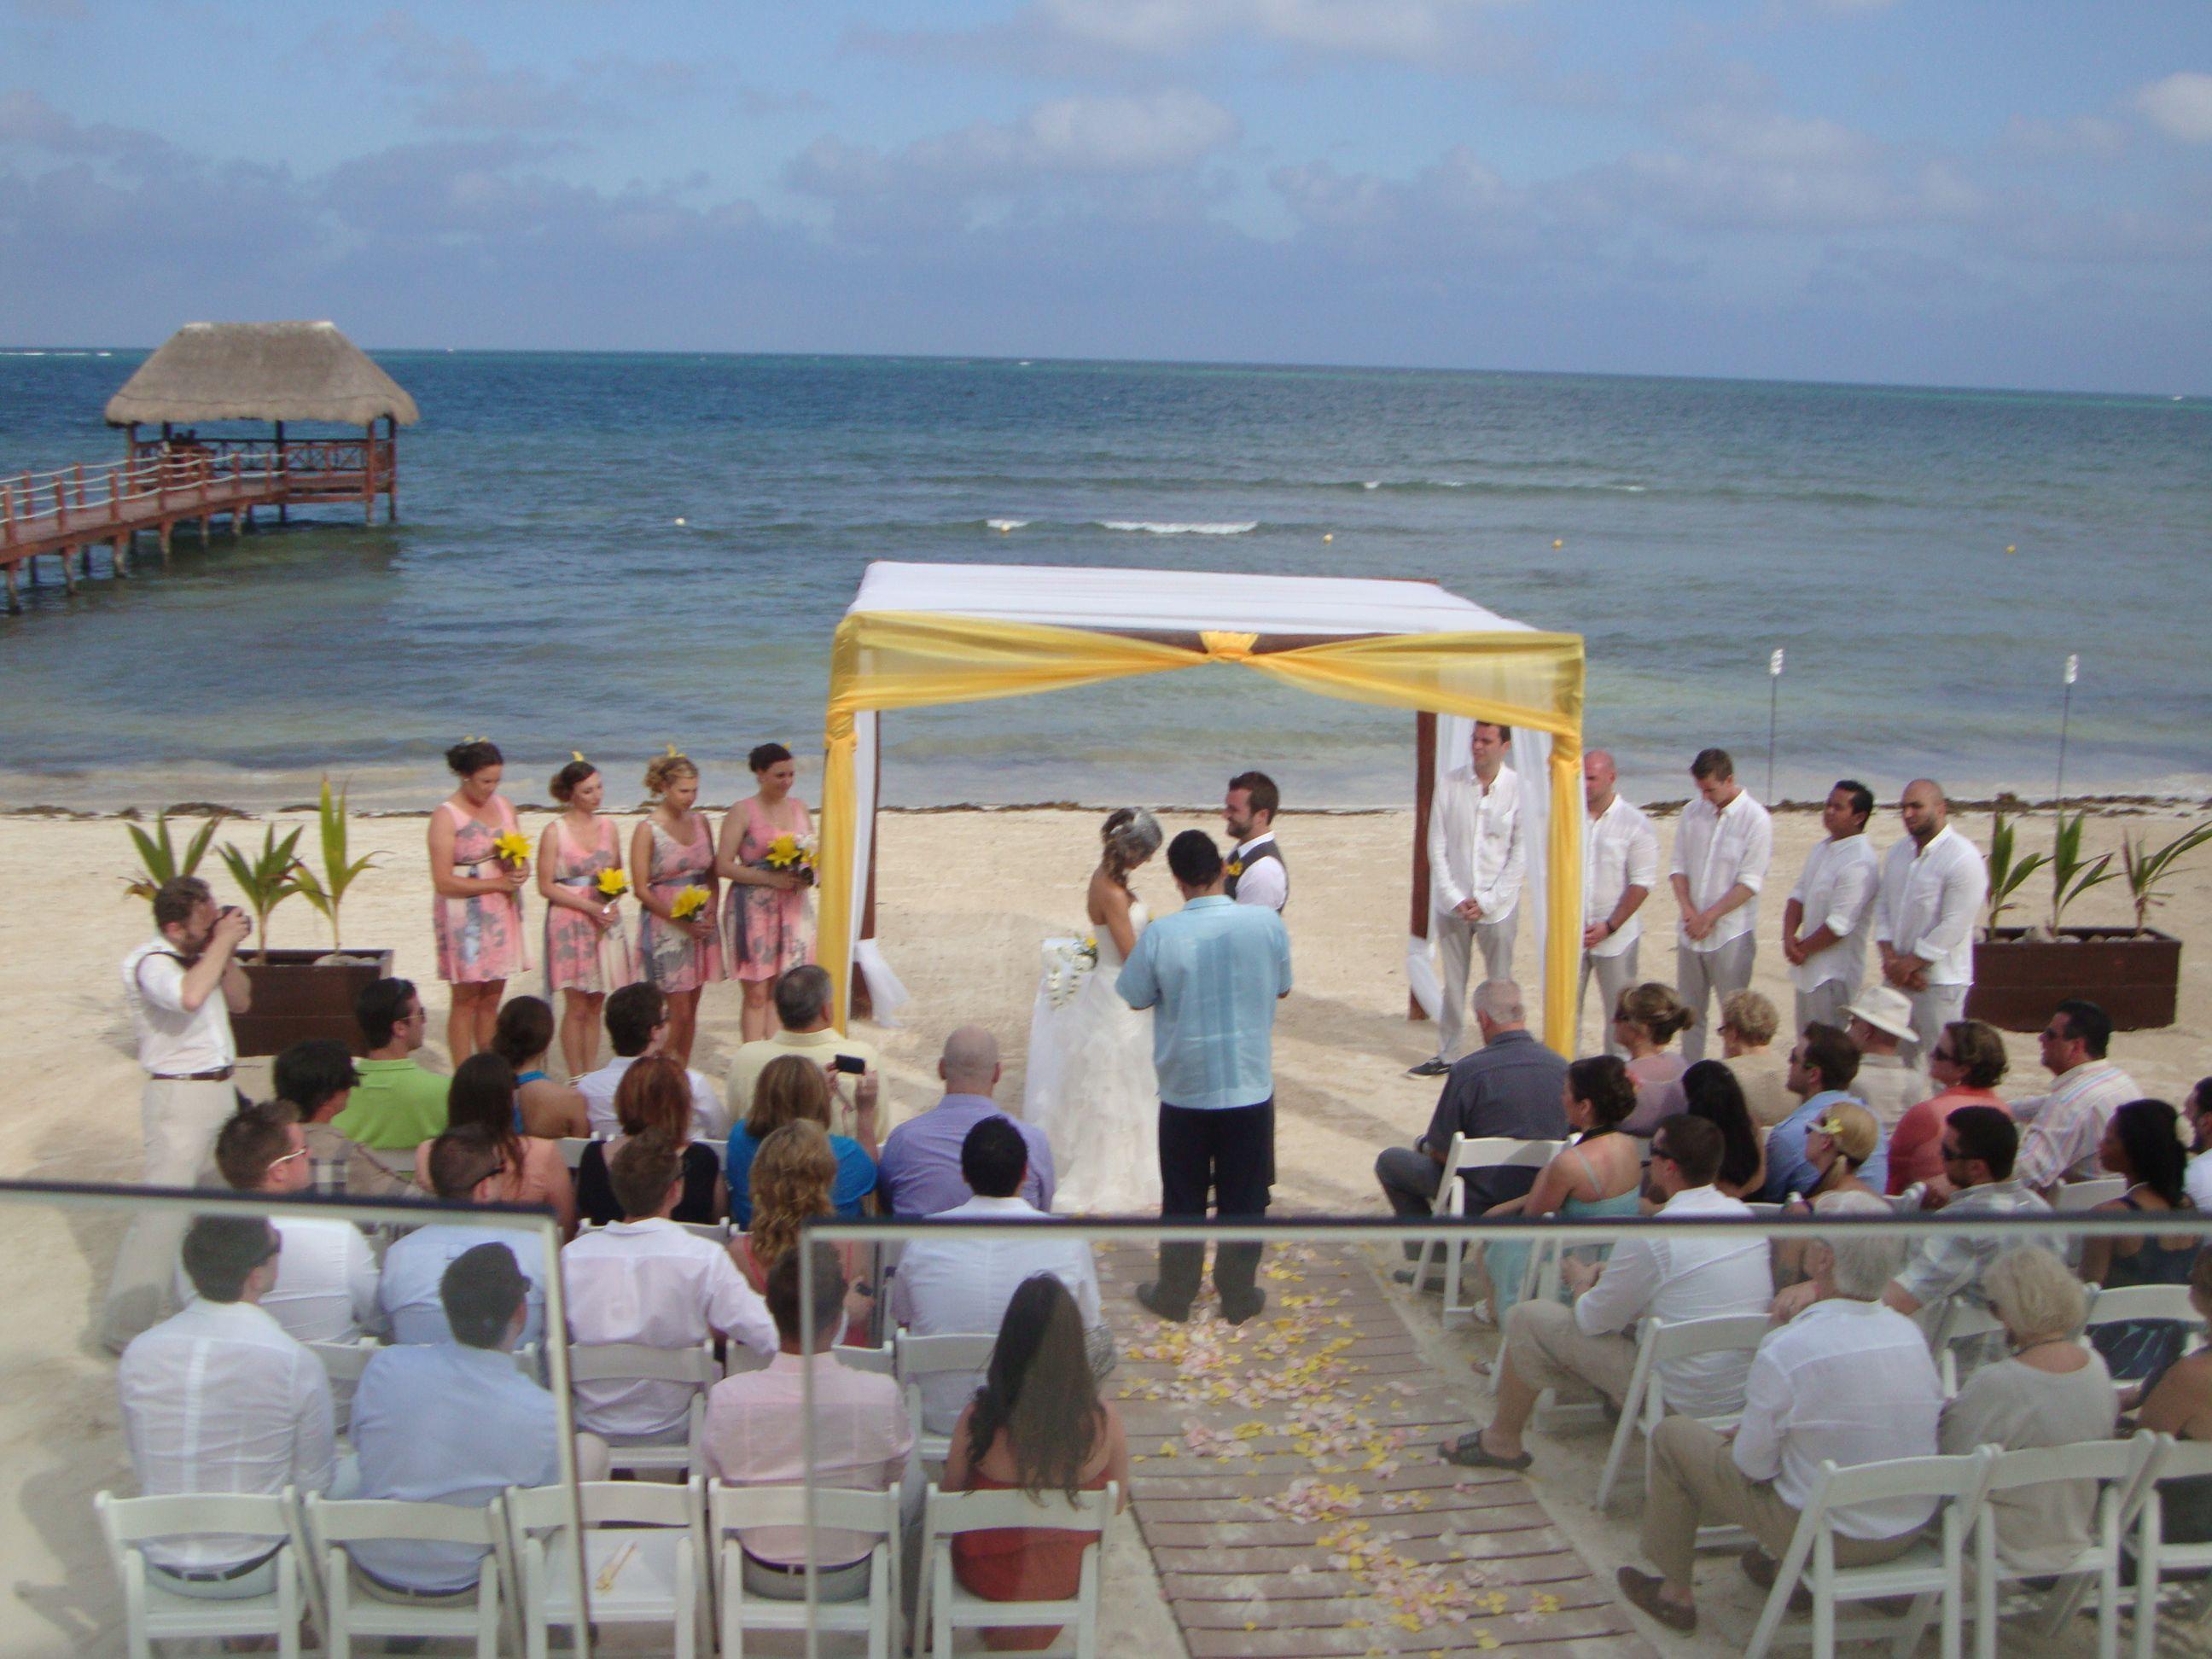 Azul Sensatori Mexico All Inclusive Family Resort Riviera Maya